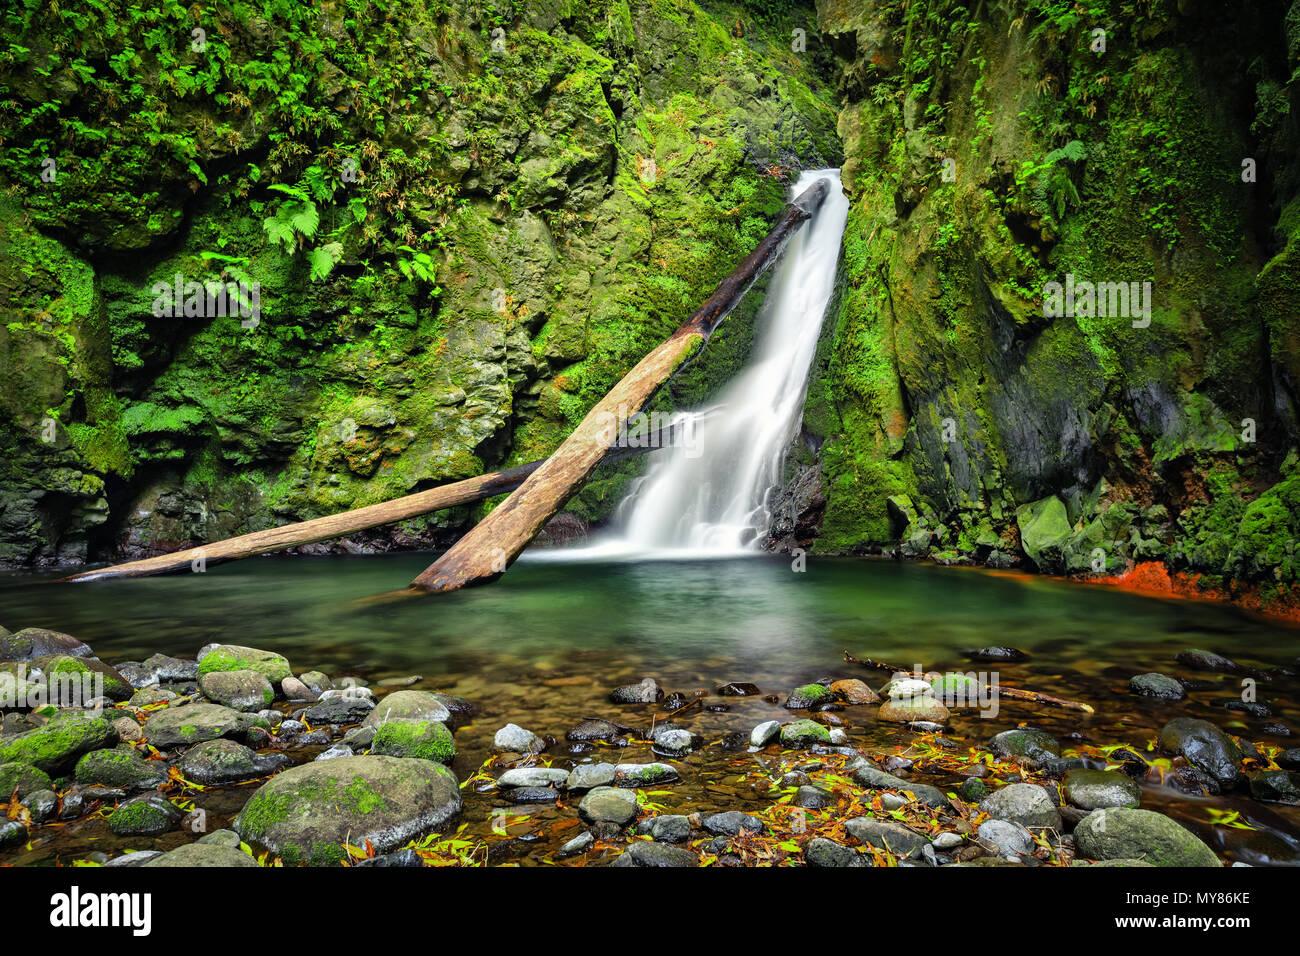 Salto fare Cagarrao cascata situata sul fiume Prego, isola Sao Miguel, Azzorre, Portogallo Immagini Stock